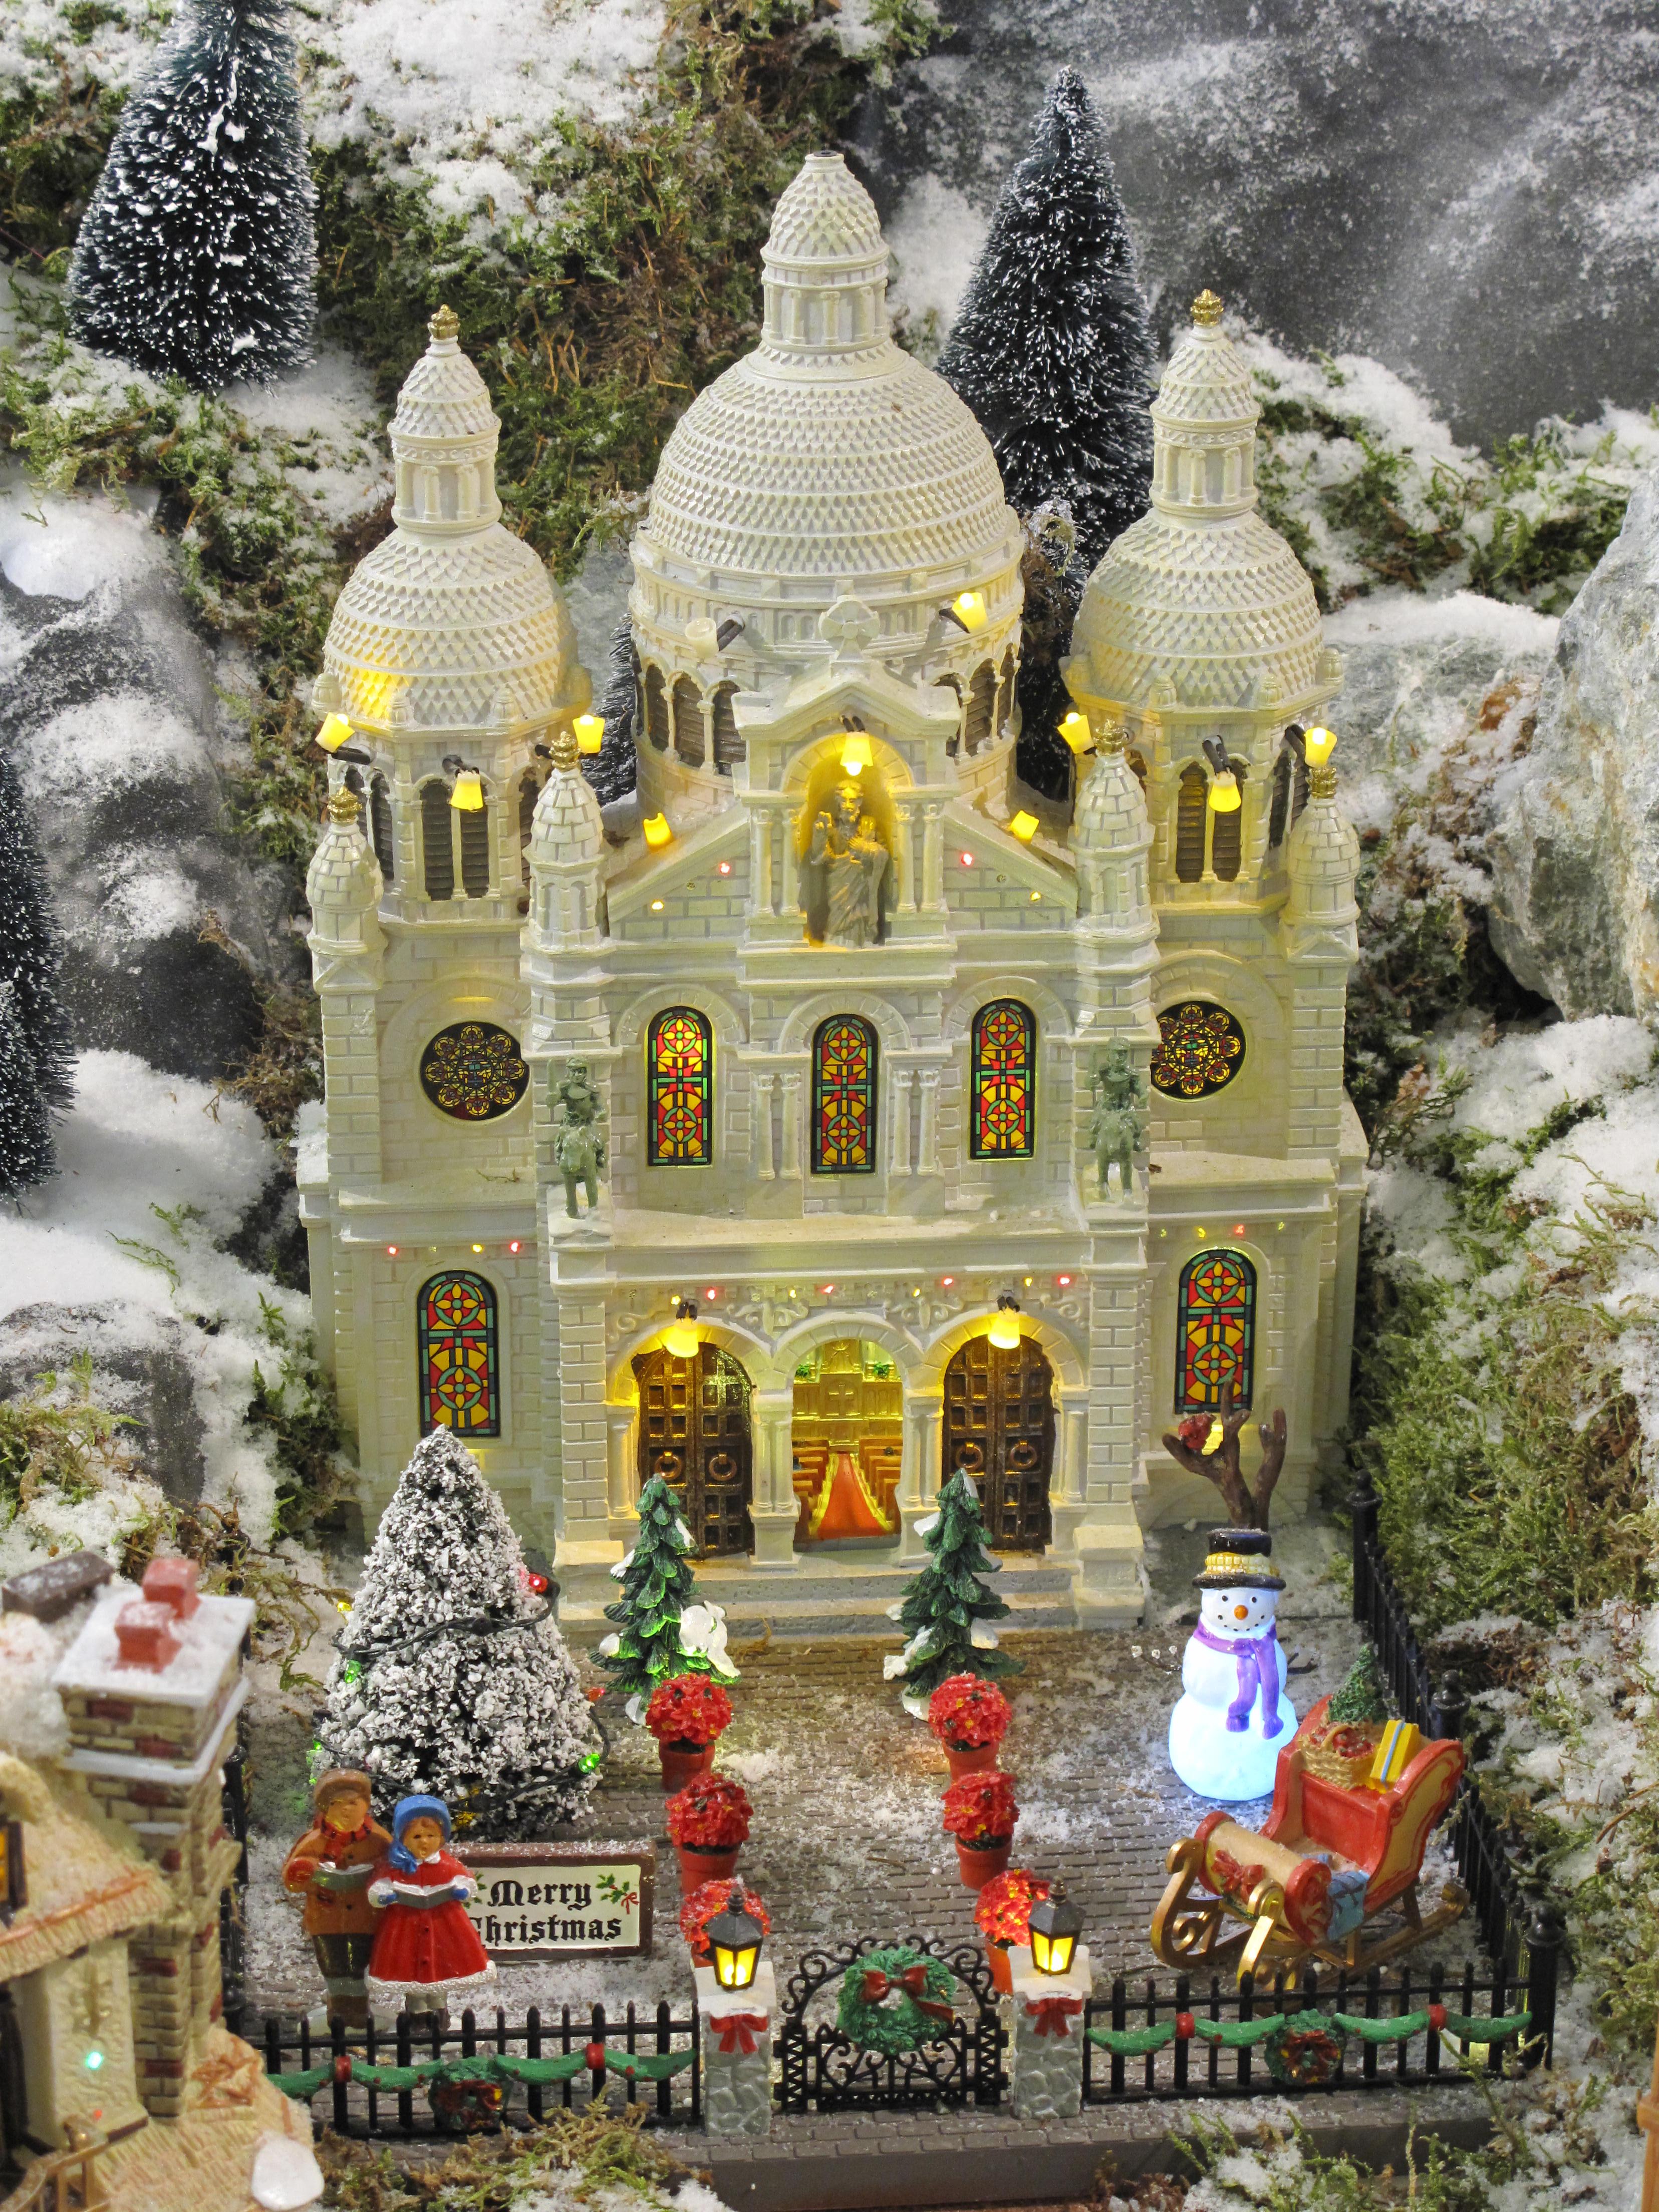 Church Christmas Decorations Ideas